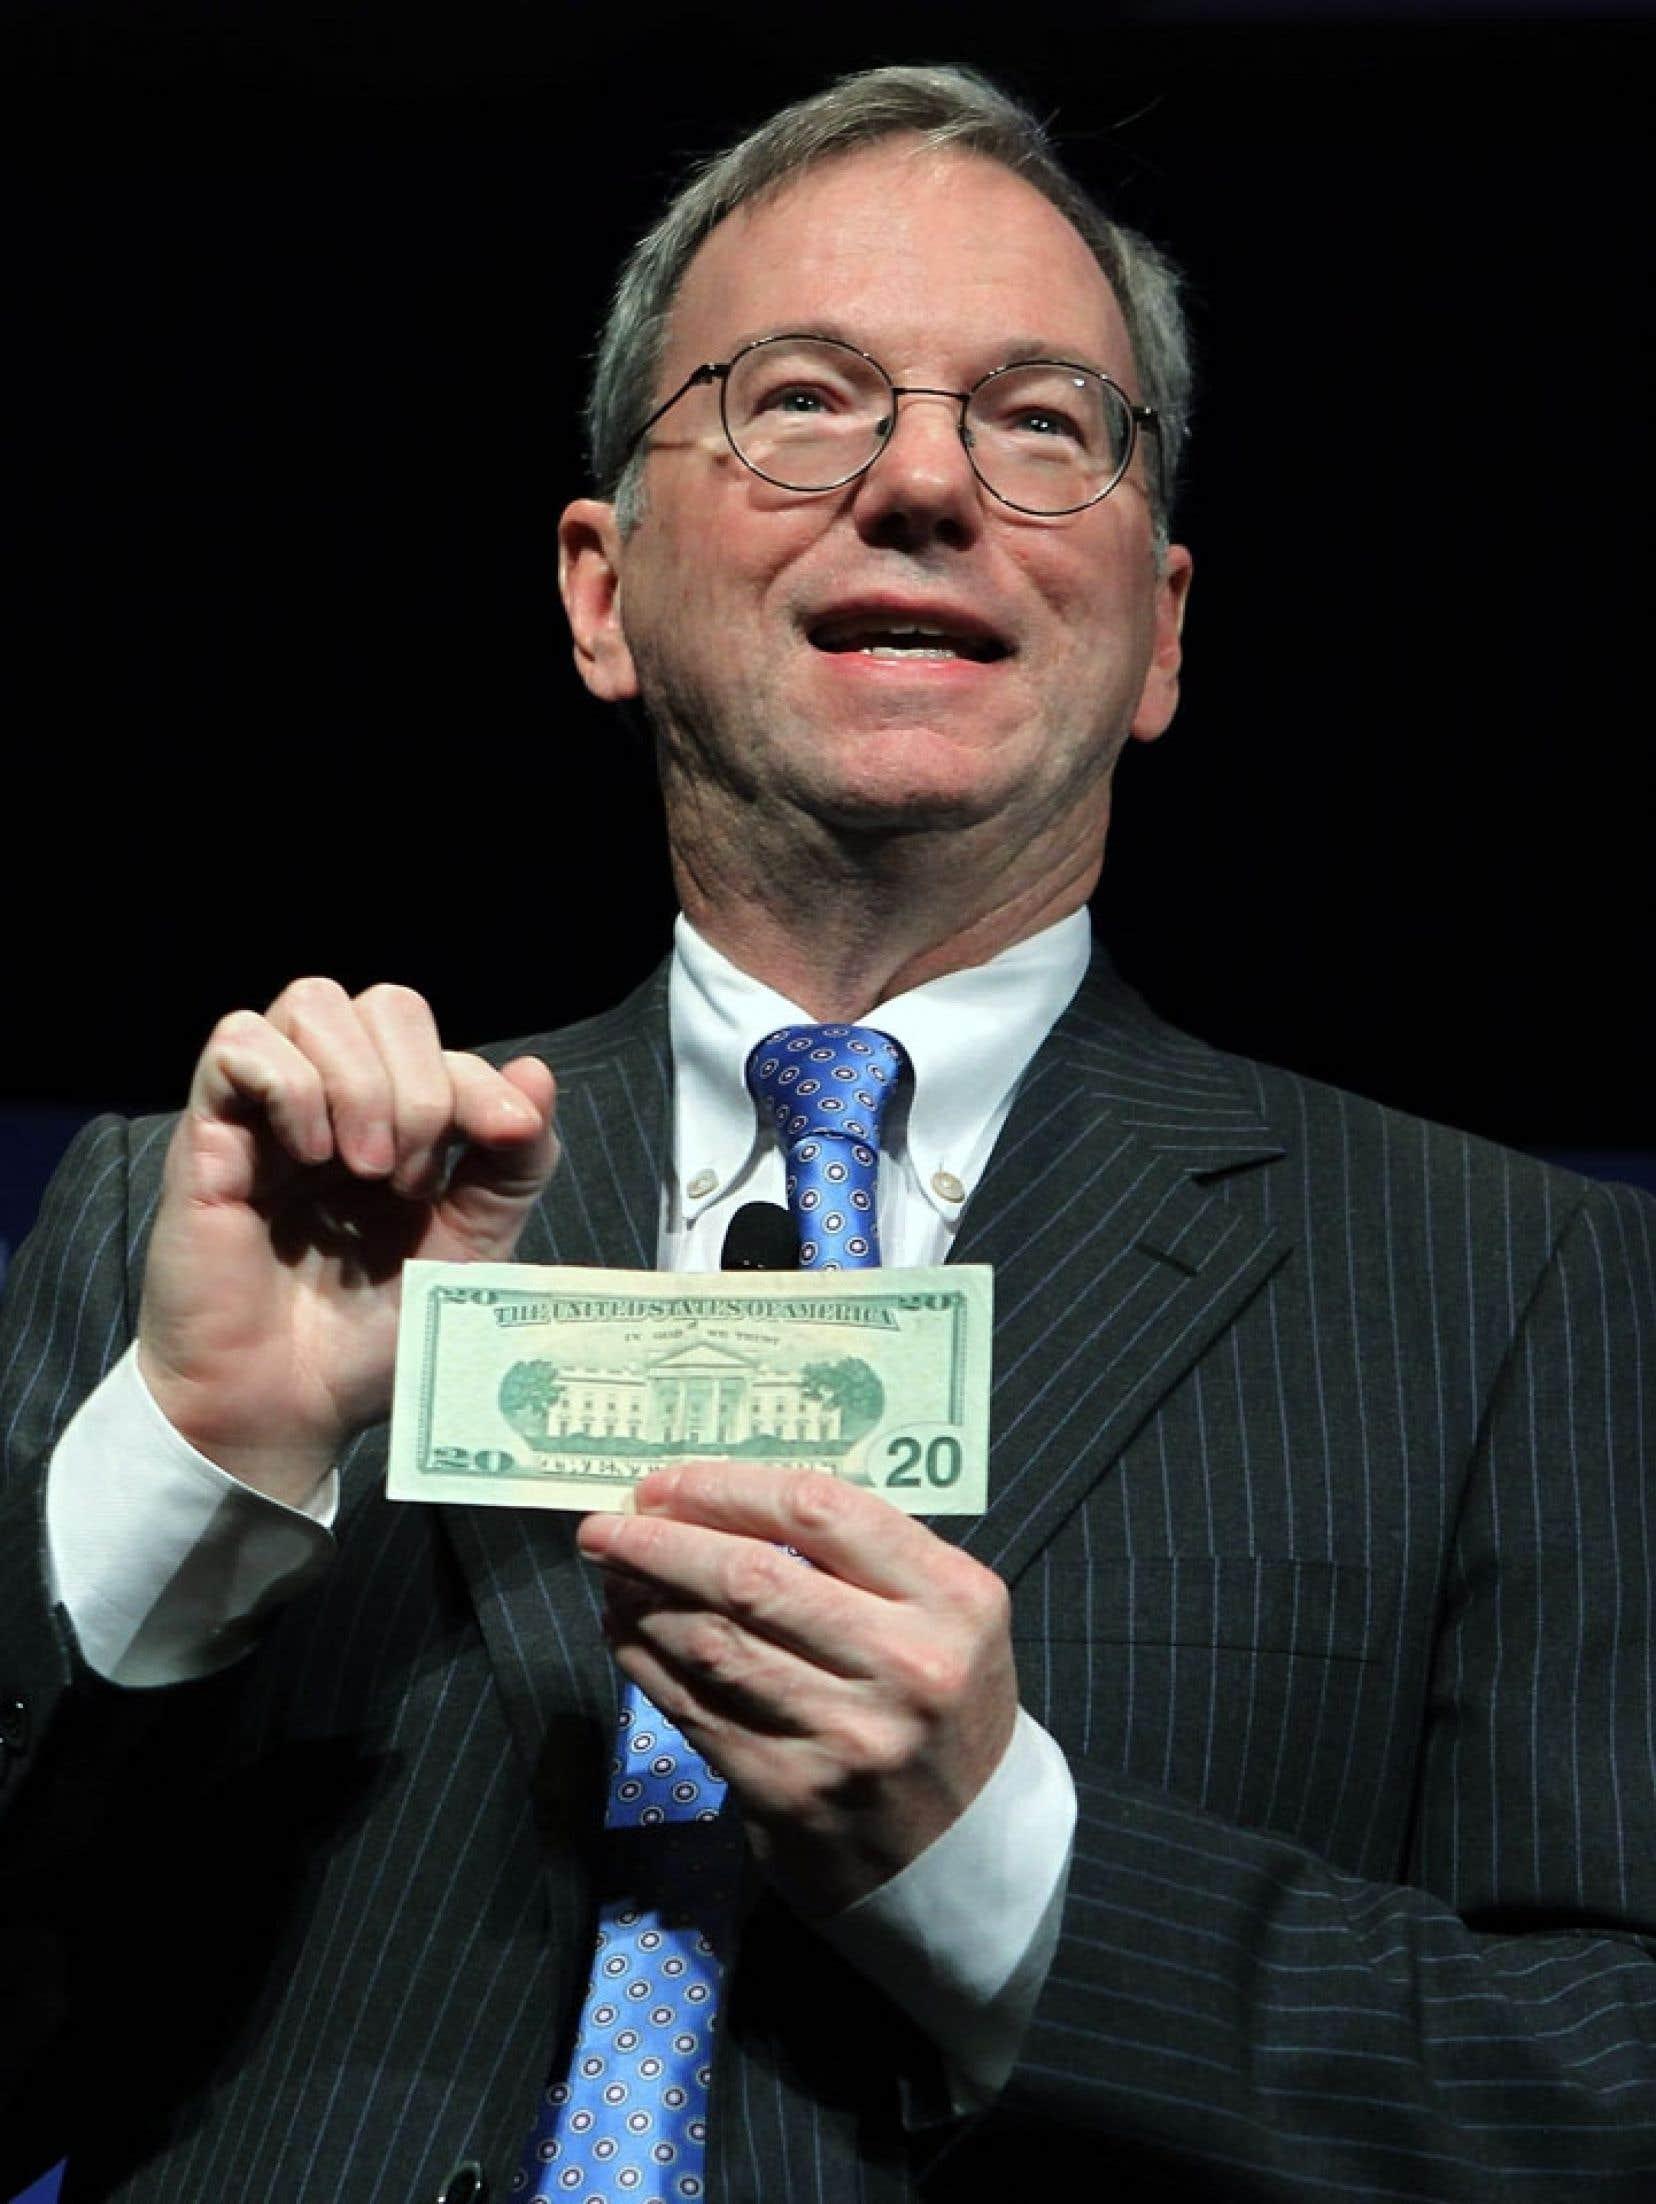 Le grand patron de Google, Eric Schmidt, a admis que « le droit fiscal international gagnerait très vraisemblablement à être réformé ».